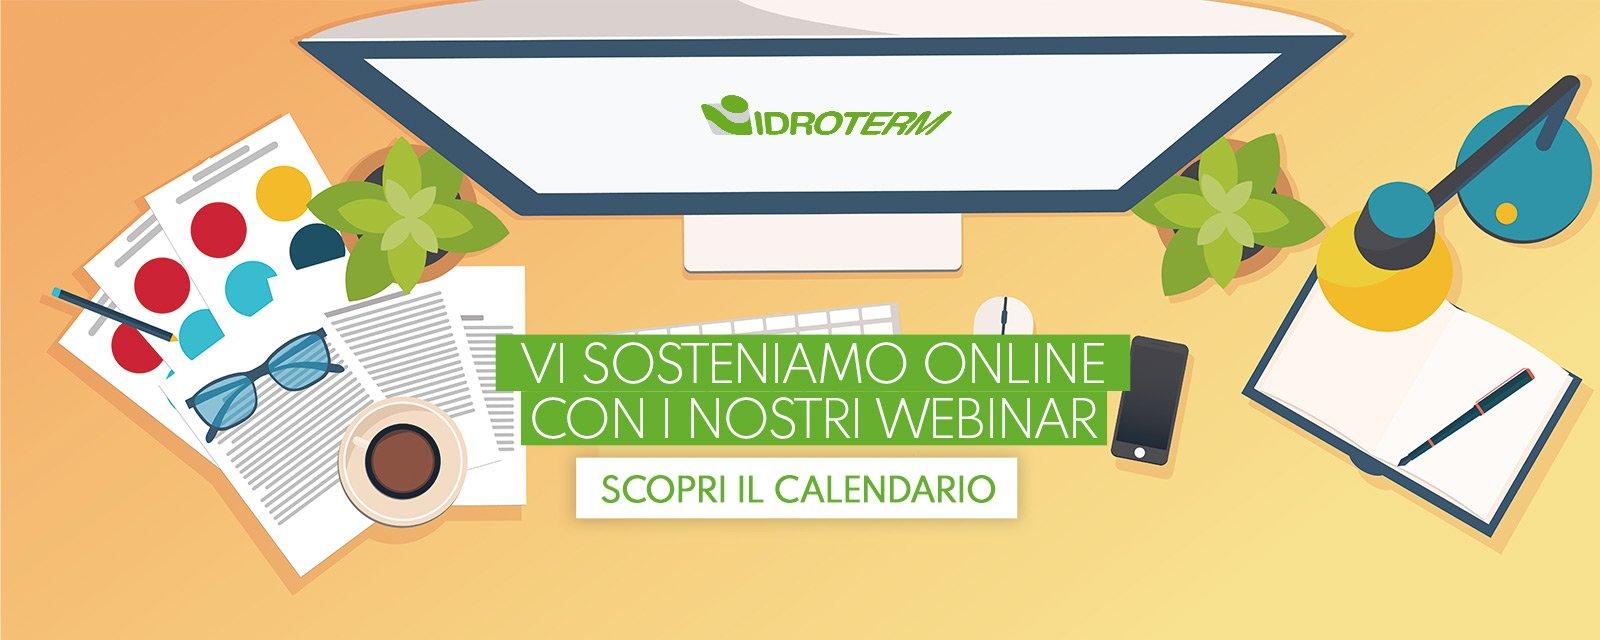 Idroterm presenta corsi online per i clienti installatori